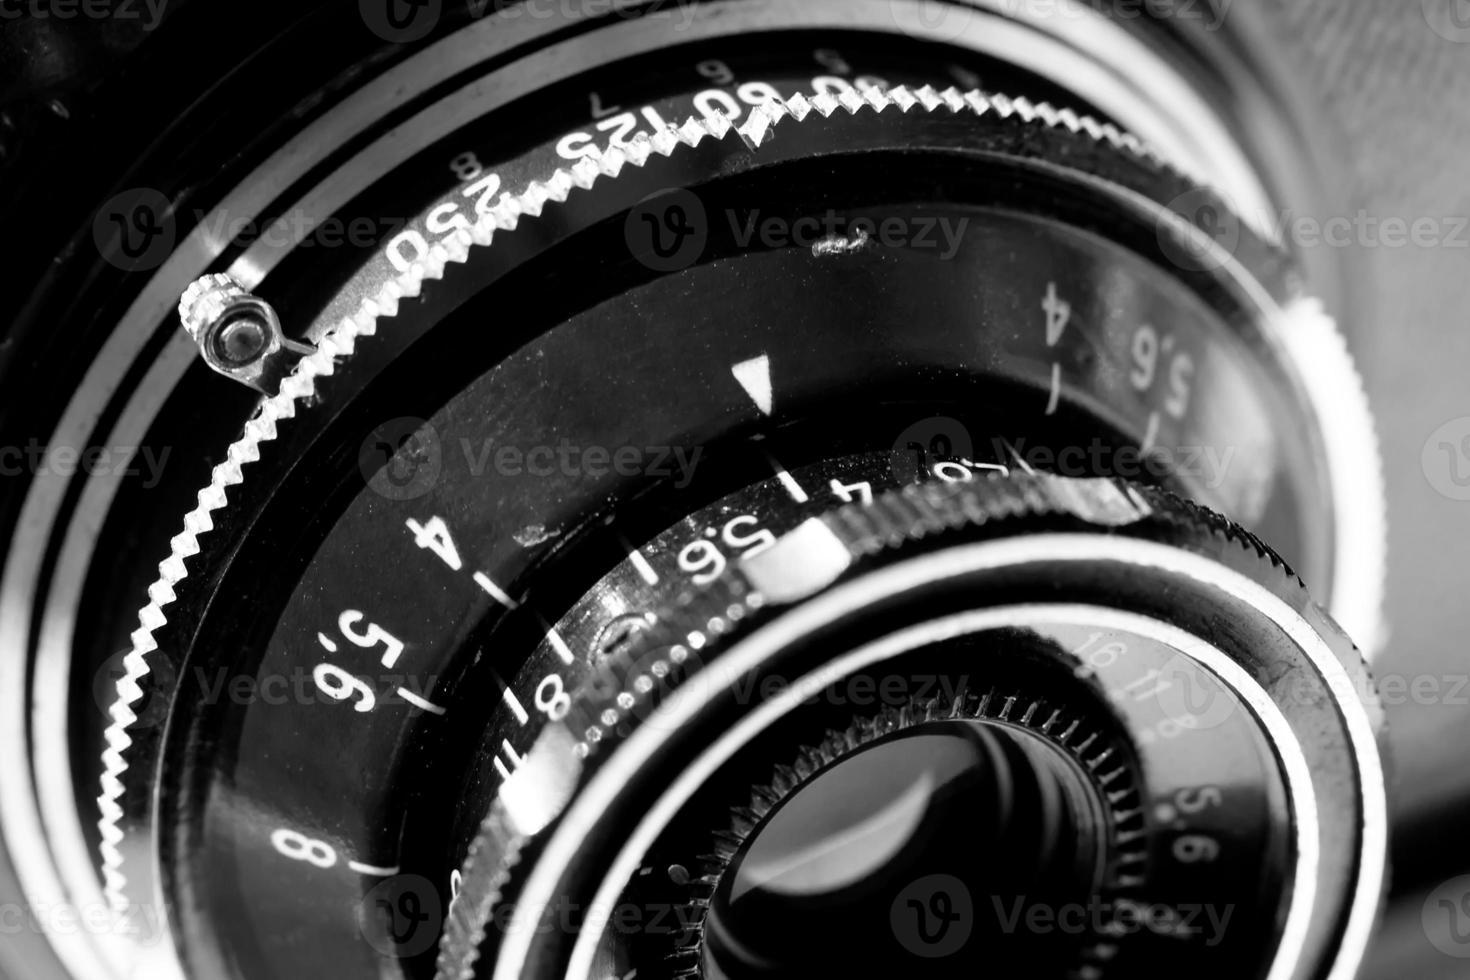 Fotocamera da 35 mm con mirino retrò foto